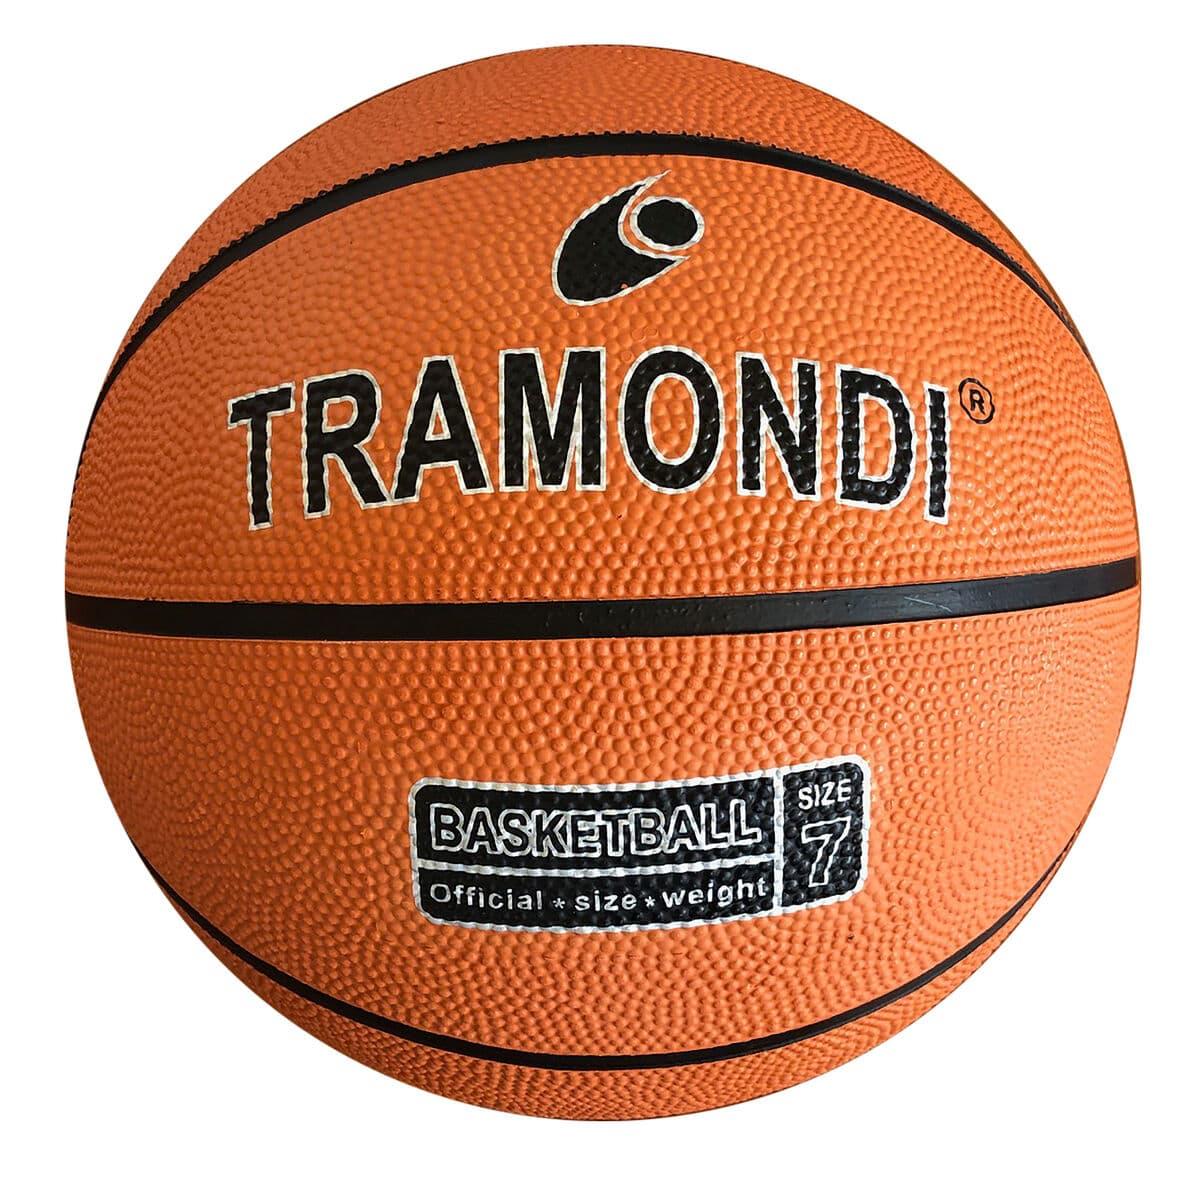 Tramondi Basketball Nr.7 Palla